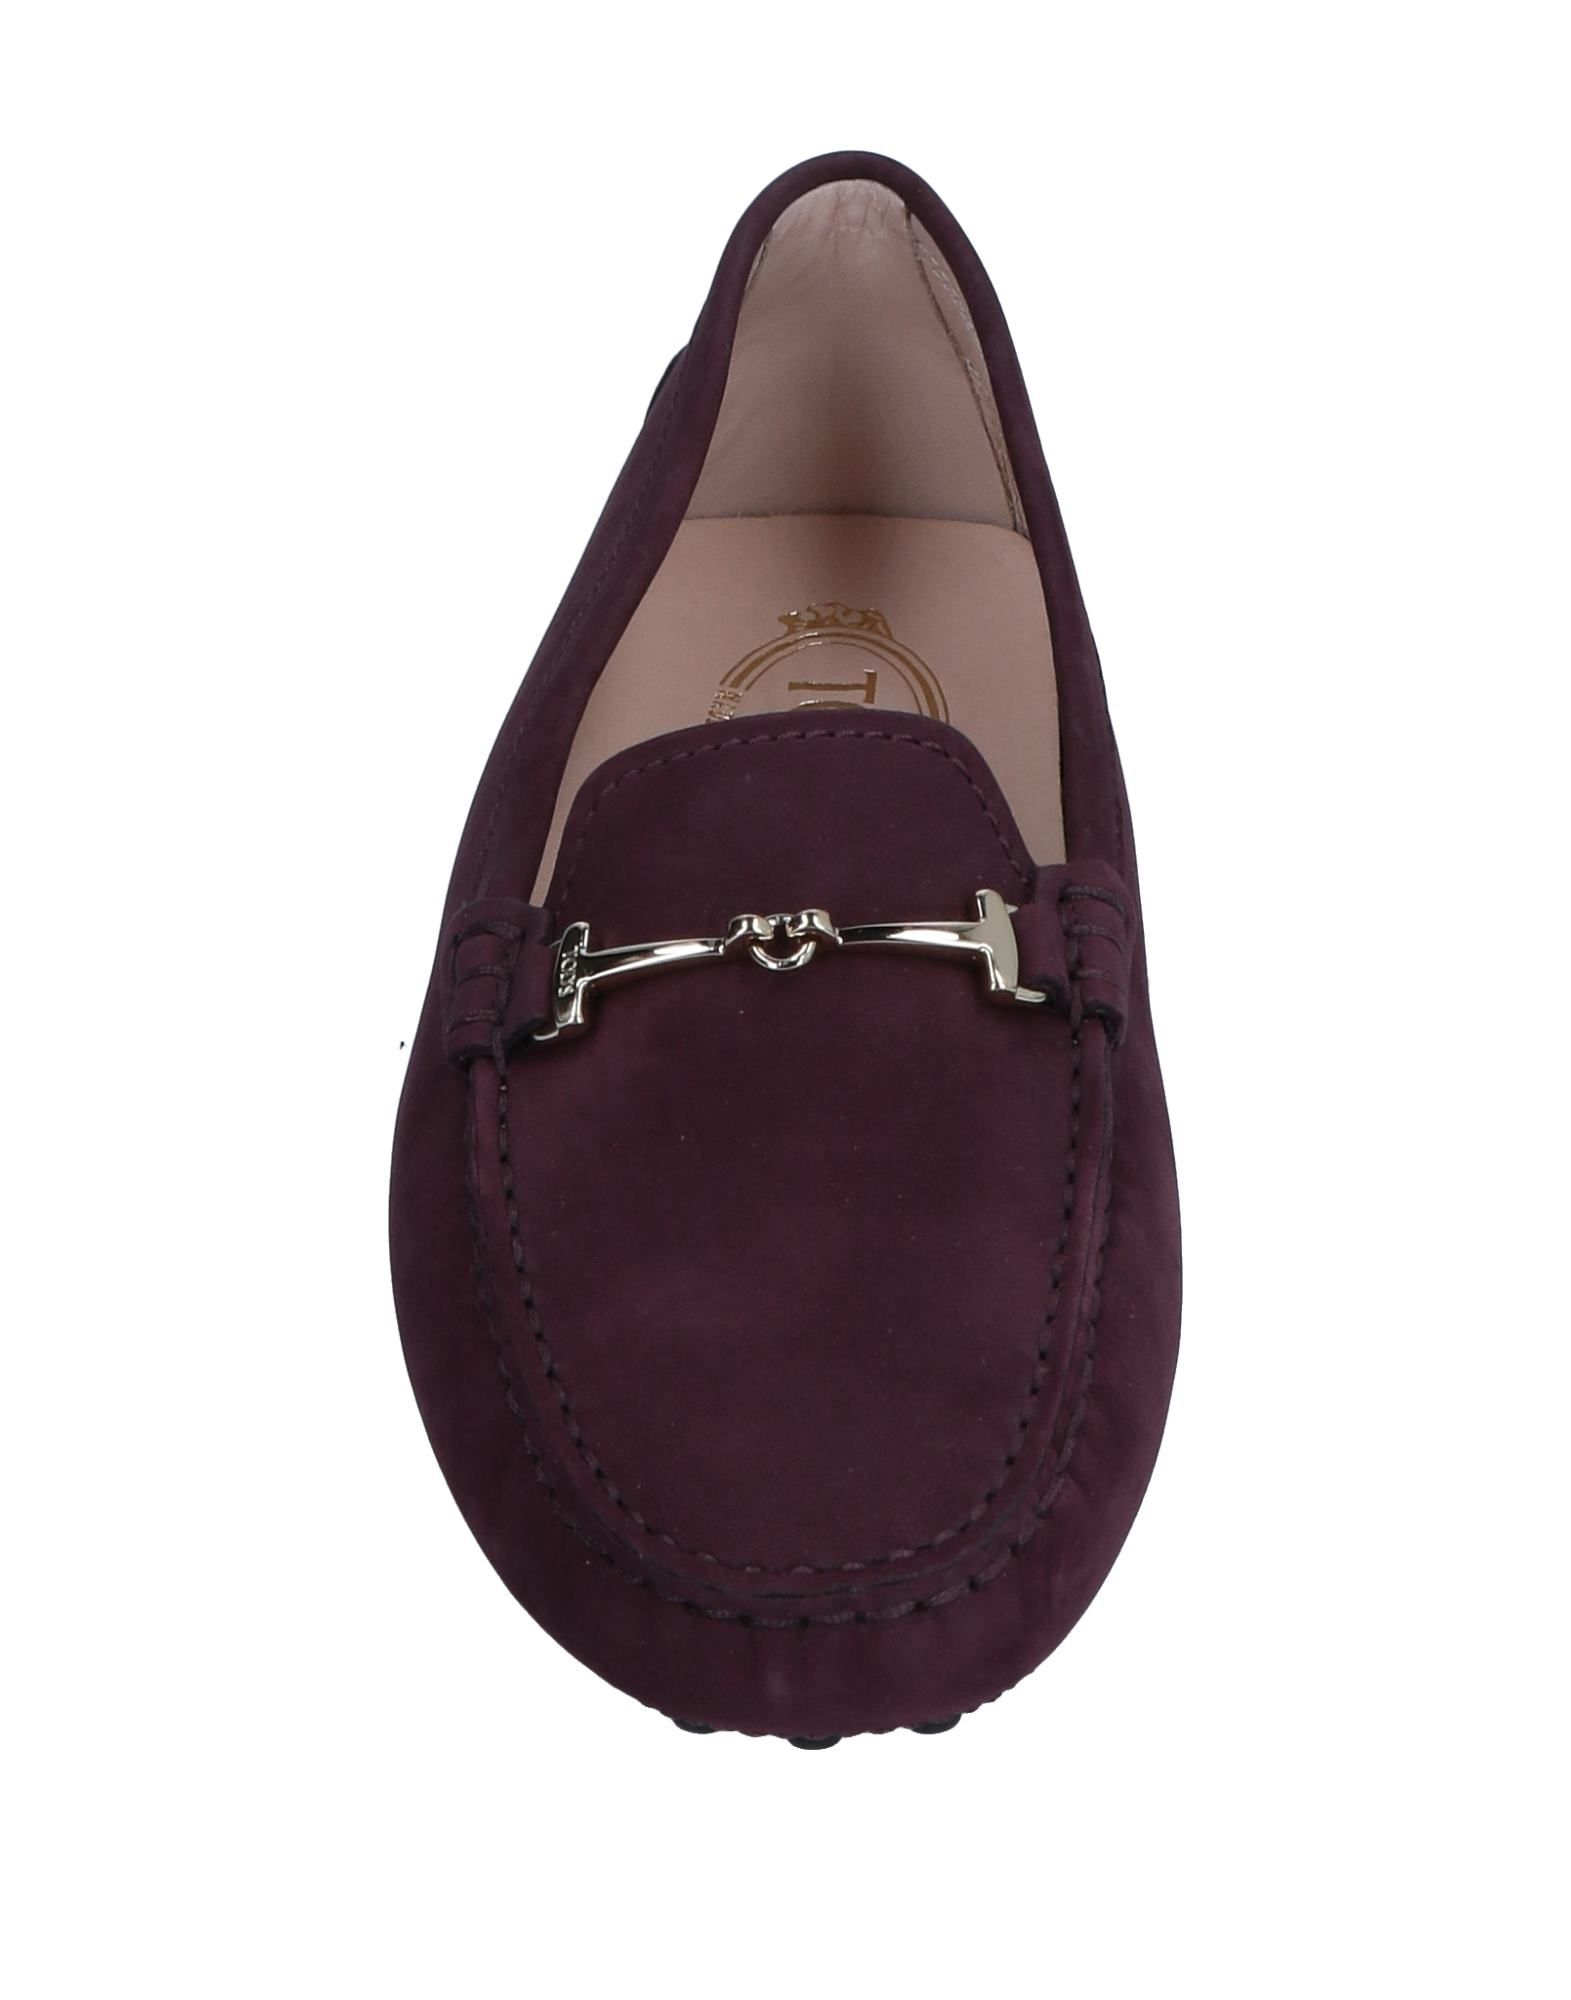 Rabatt Tod's Schuhe Tod's Rabatt Mokassins Damen  11306016WJ 43bb8c